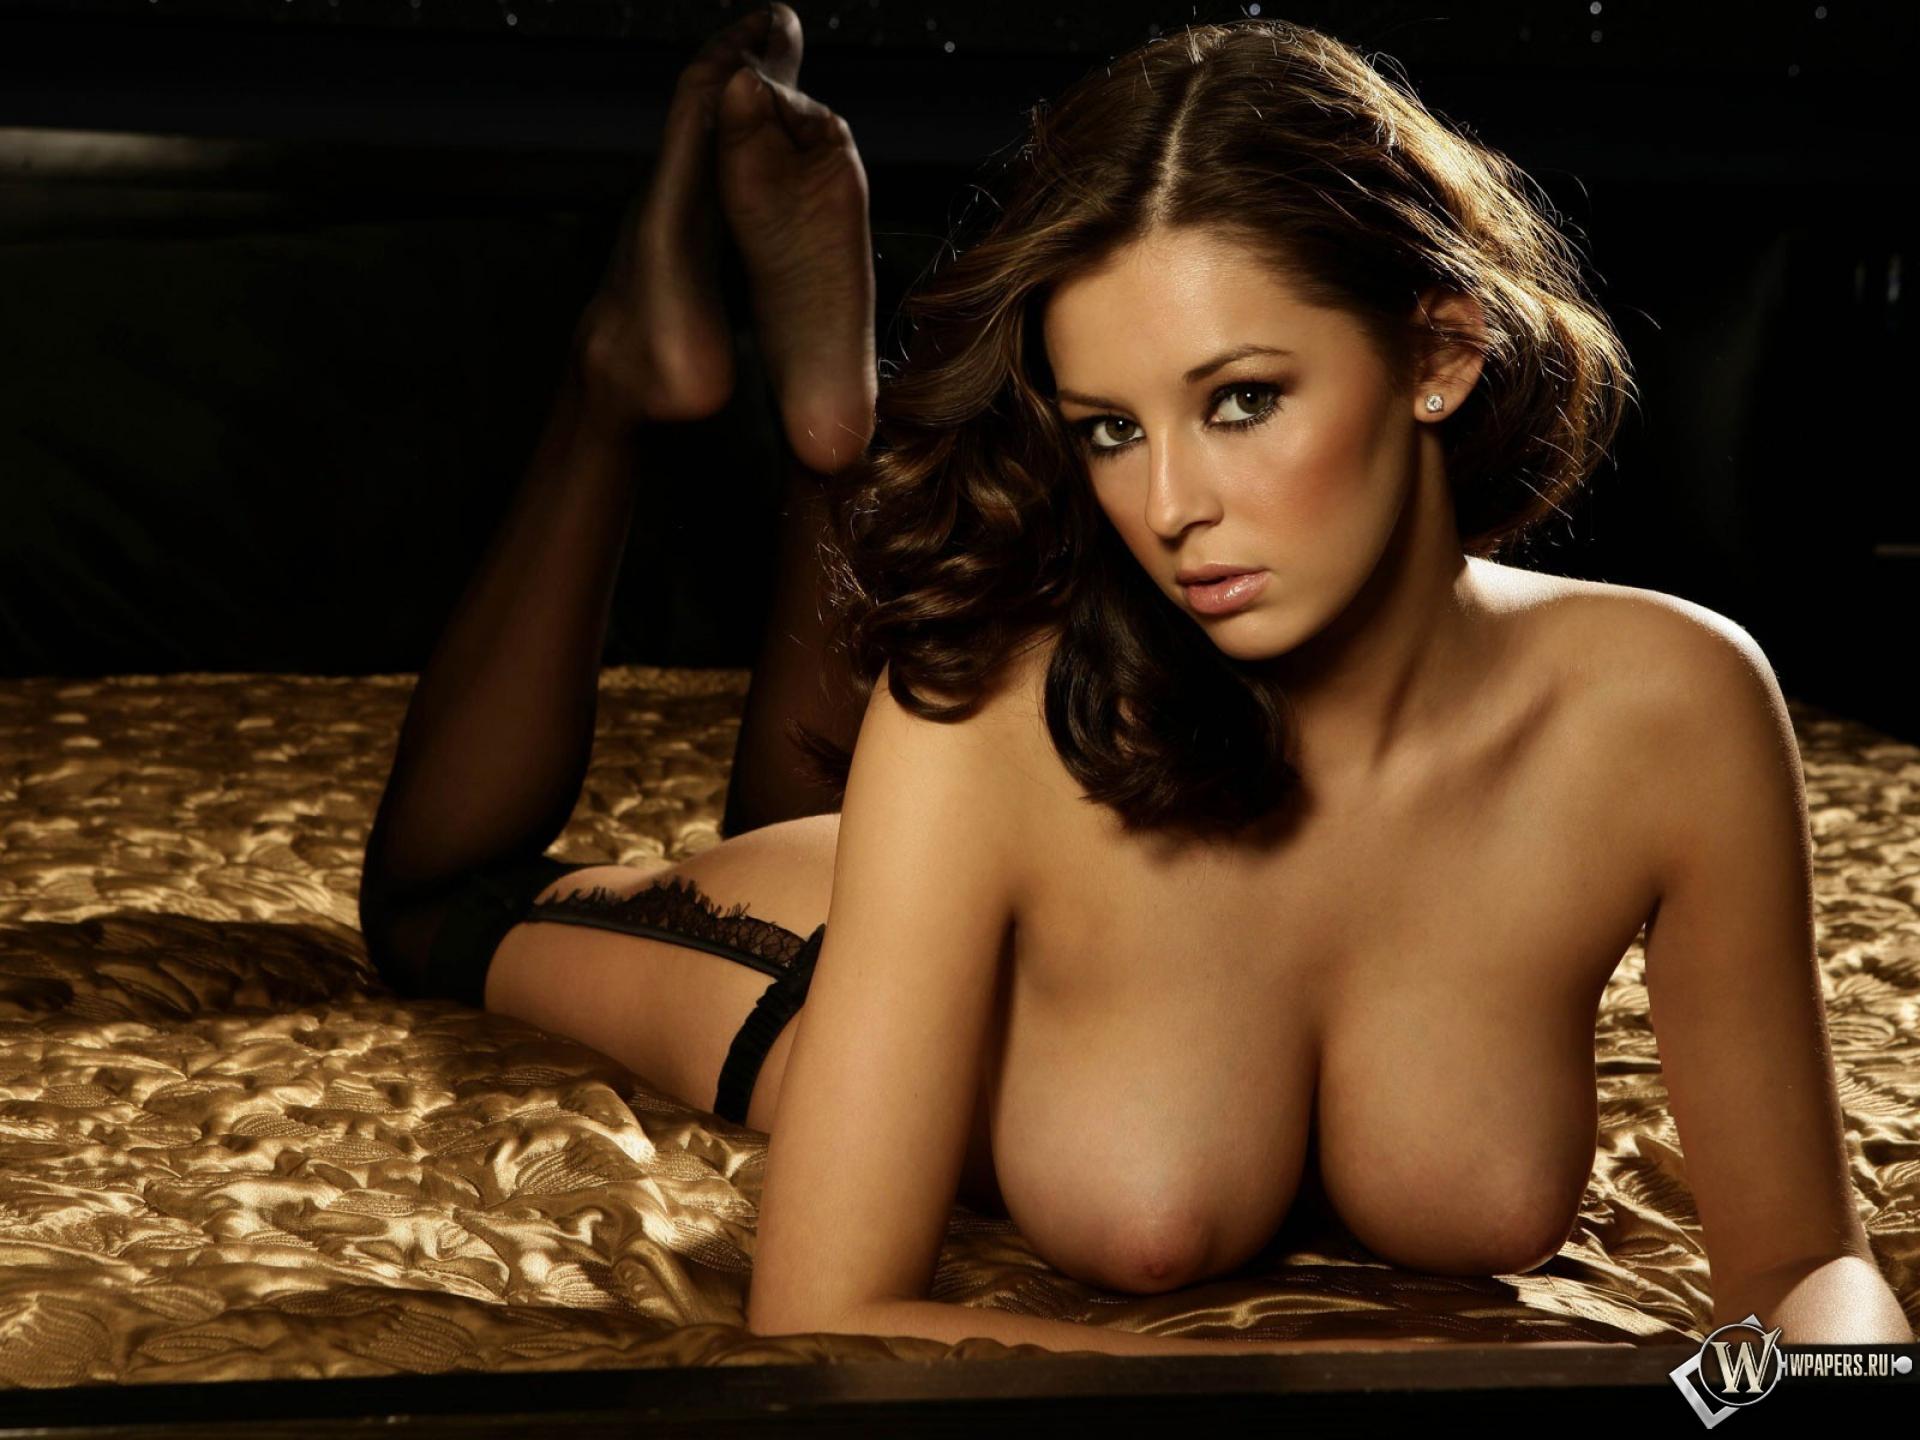 Смотреть руски еротика сккс онлайн бесплатно 17 фотография